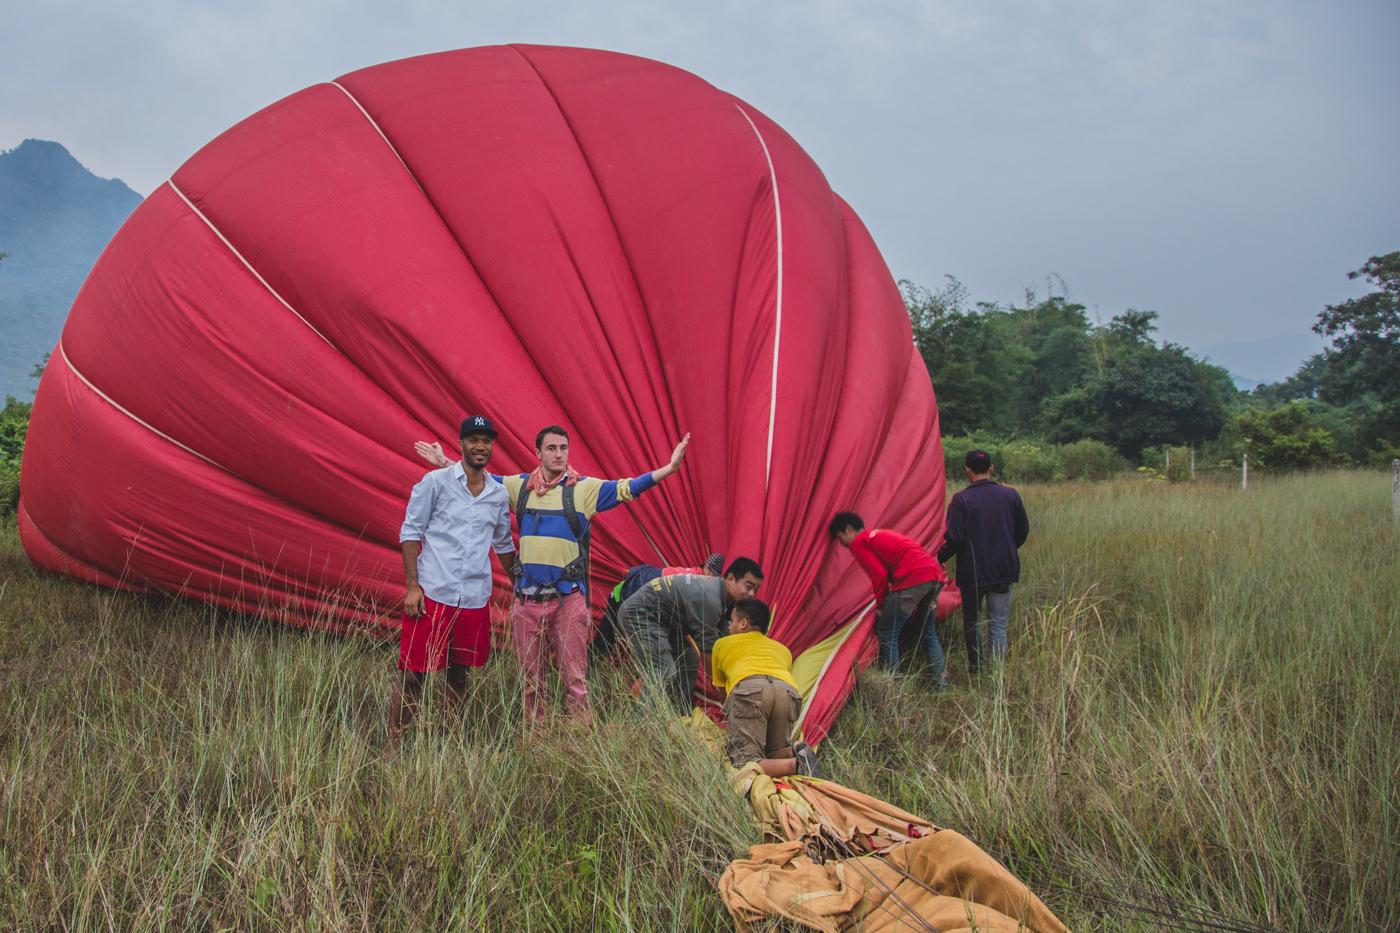 Hot Air Balloon Rides In Laos